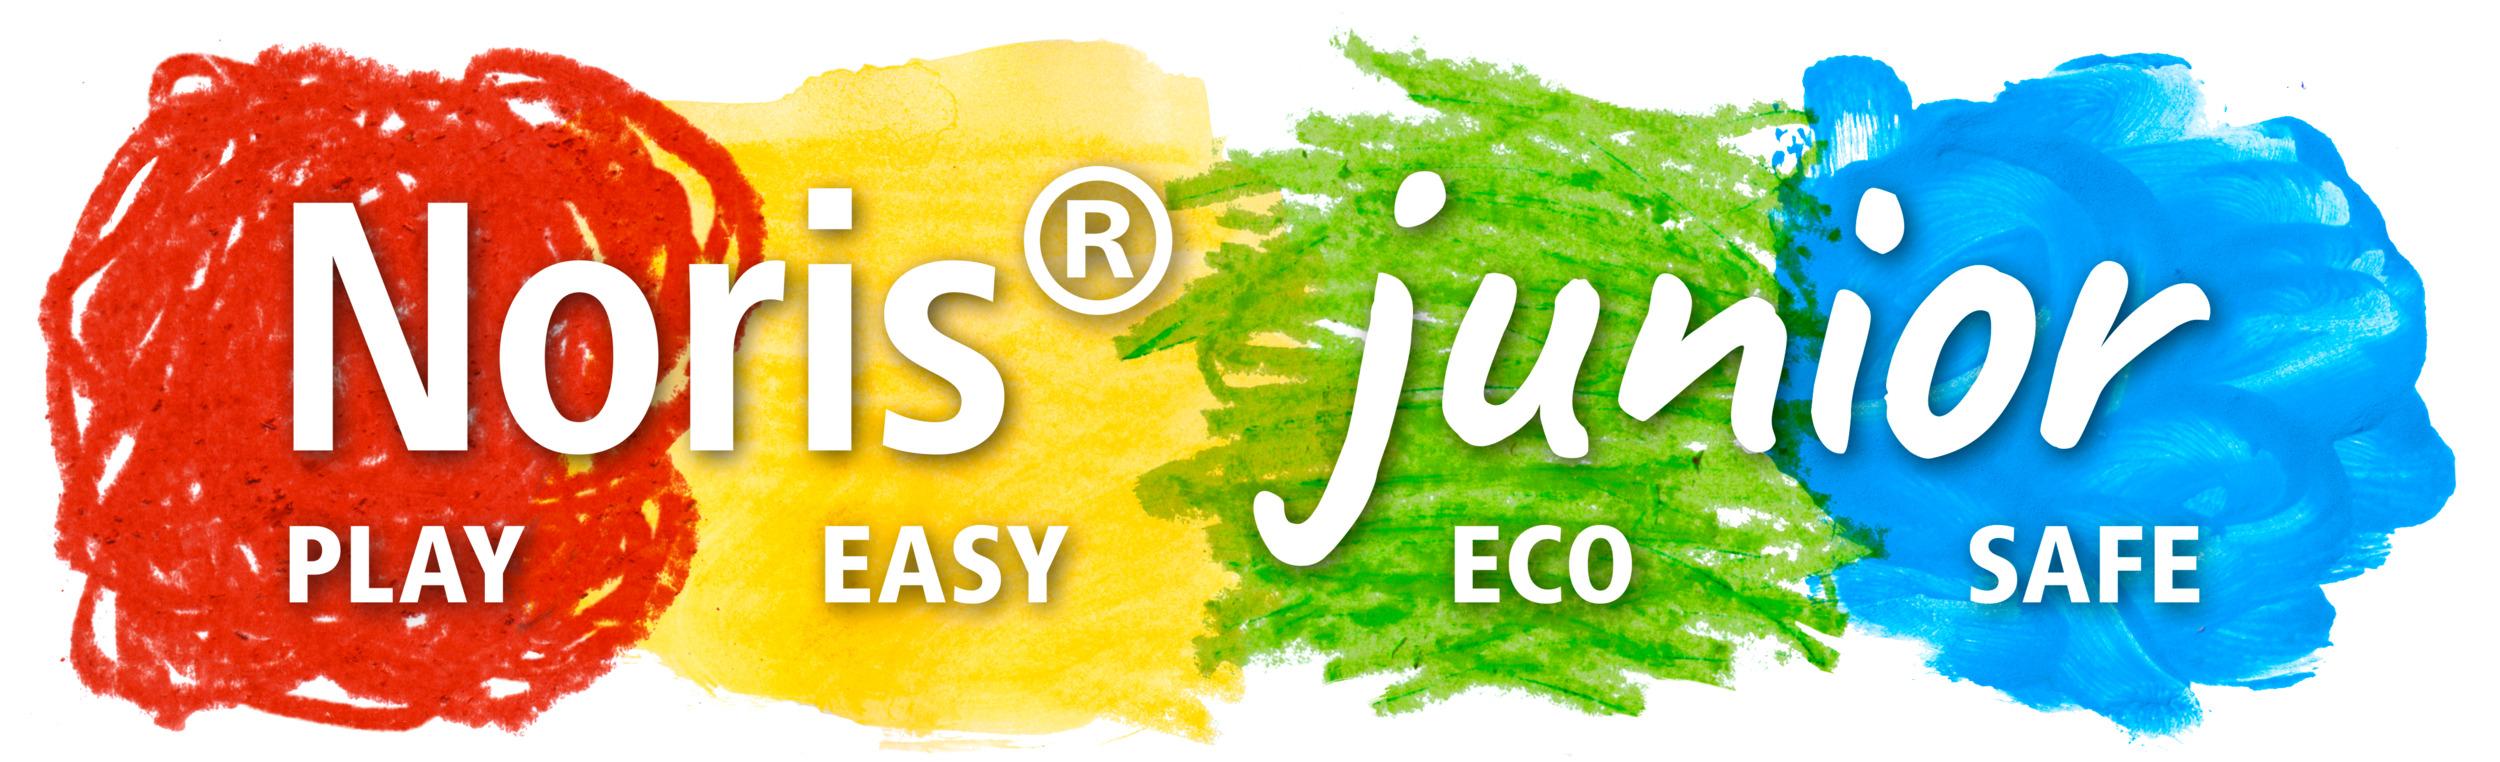 Logo_Noris_junior_PLAY_EASY_ECO_SAFE